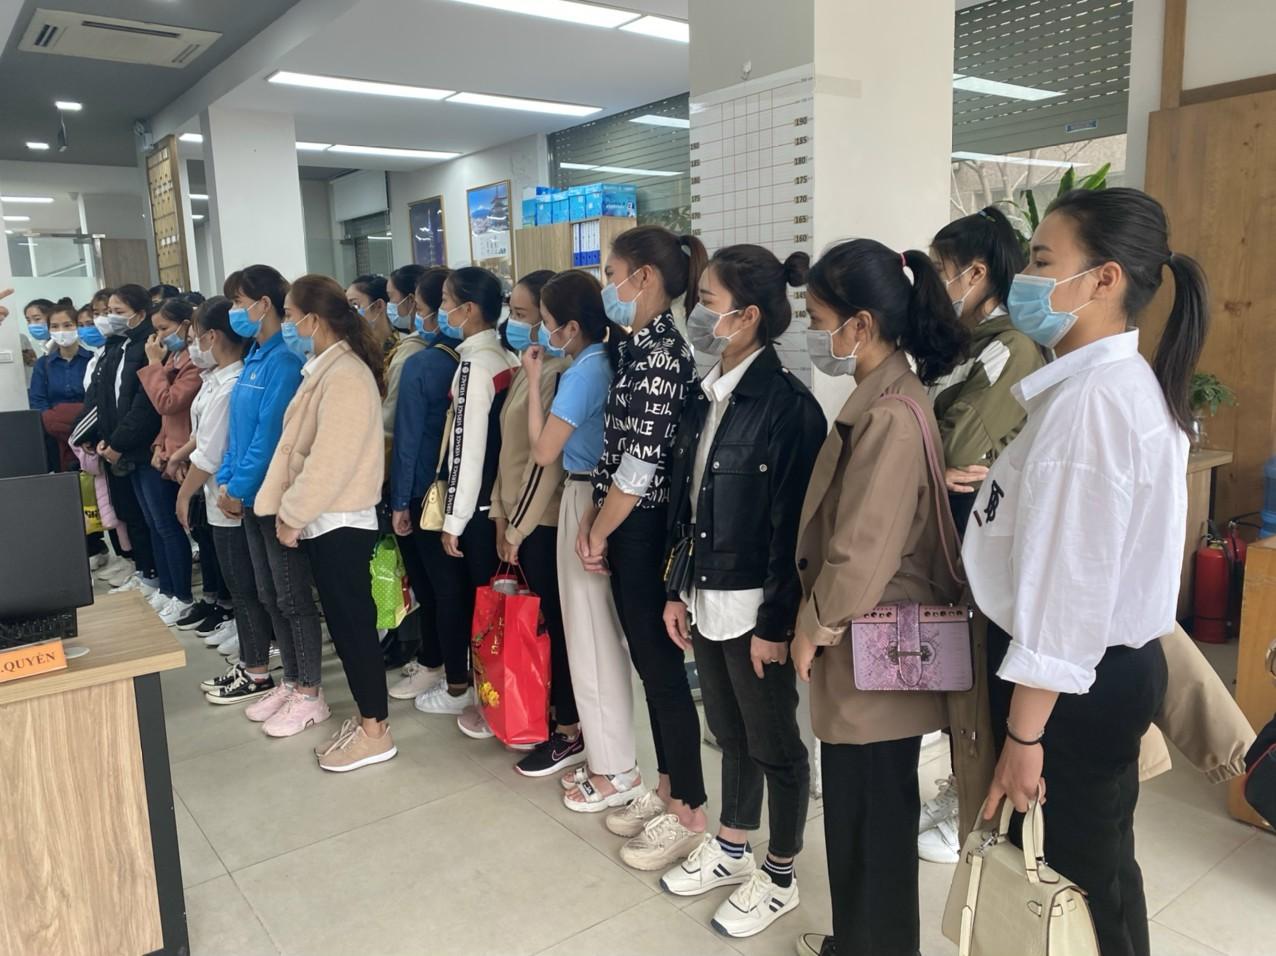 Hình ảnh người lao động đăng kí sơ tuyển đơn hàng XKLĐ NHẬT BẢN TP. Hồ Chí Minh